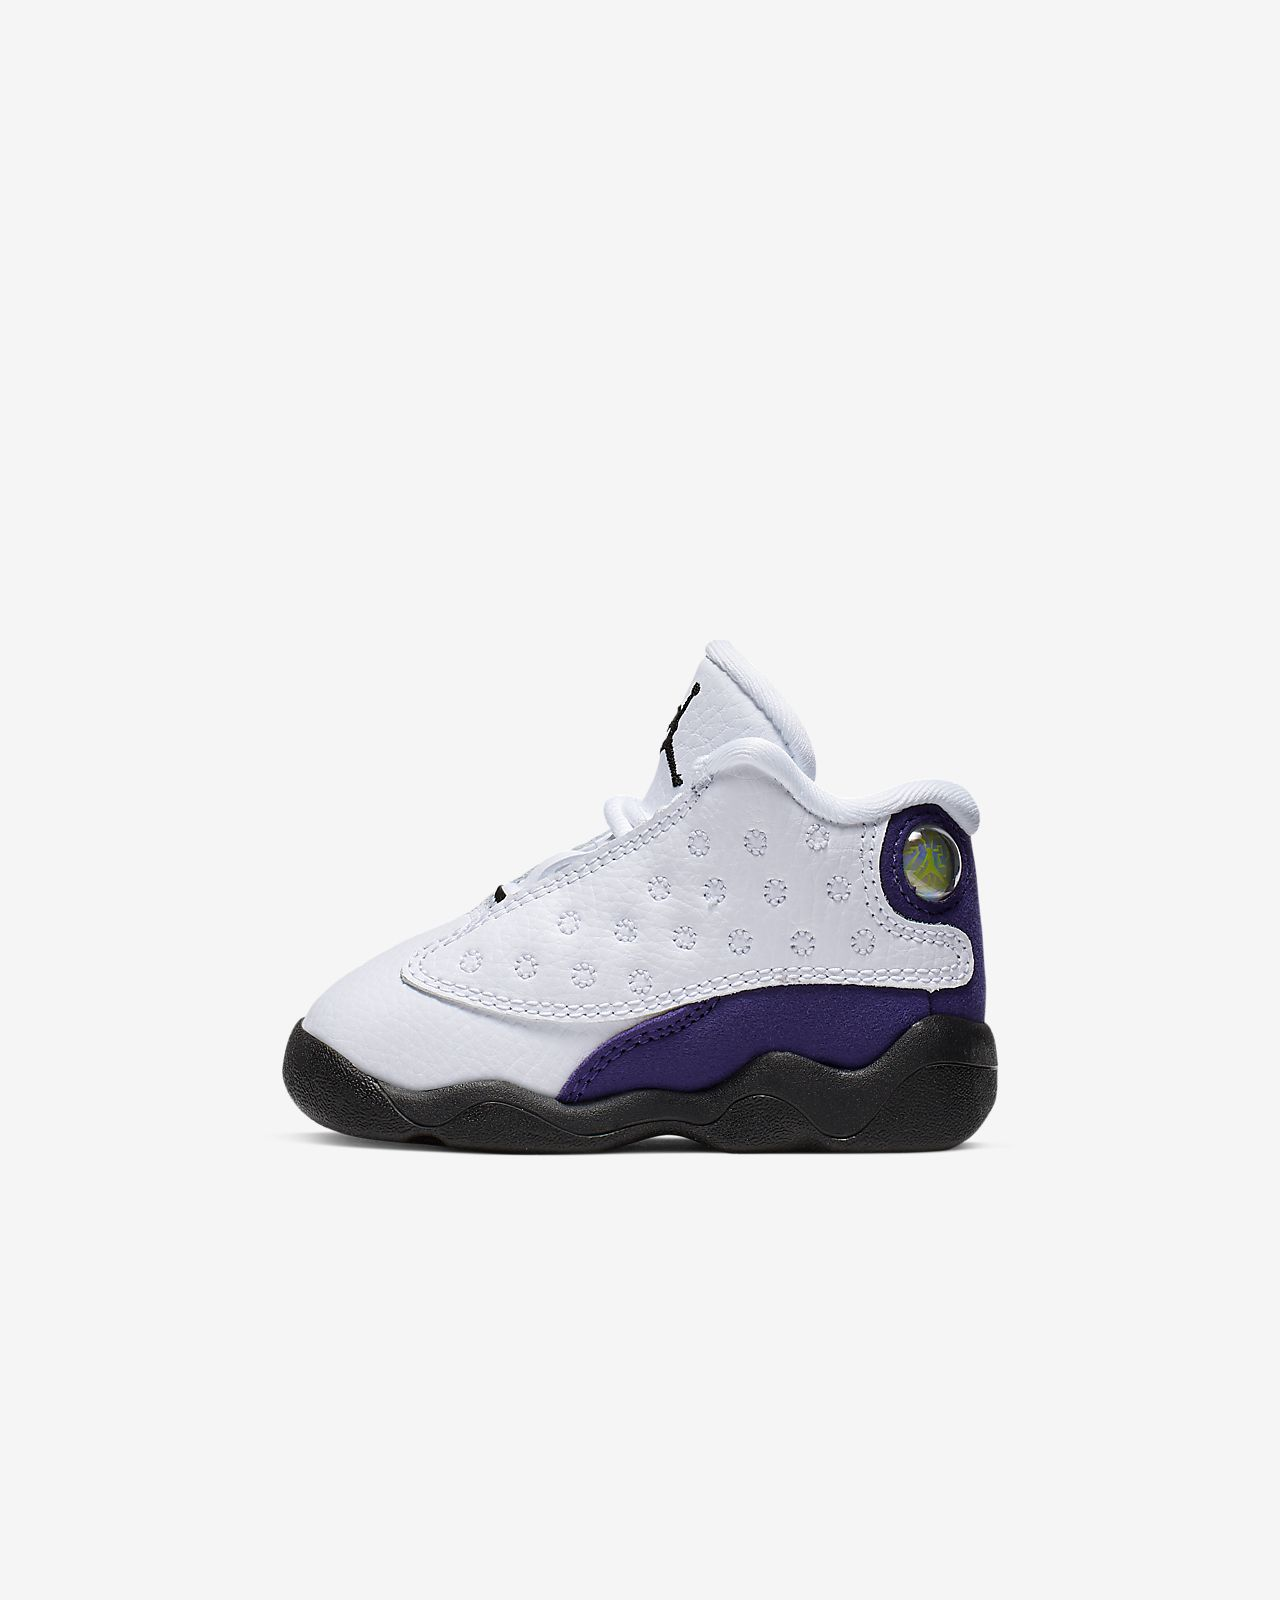 Air Jordan 13 Retro Infant/Toddler Shoe